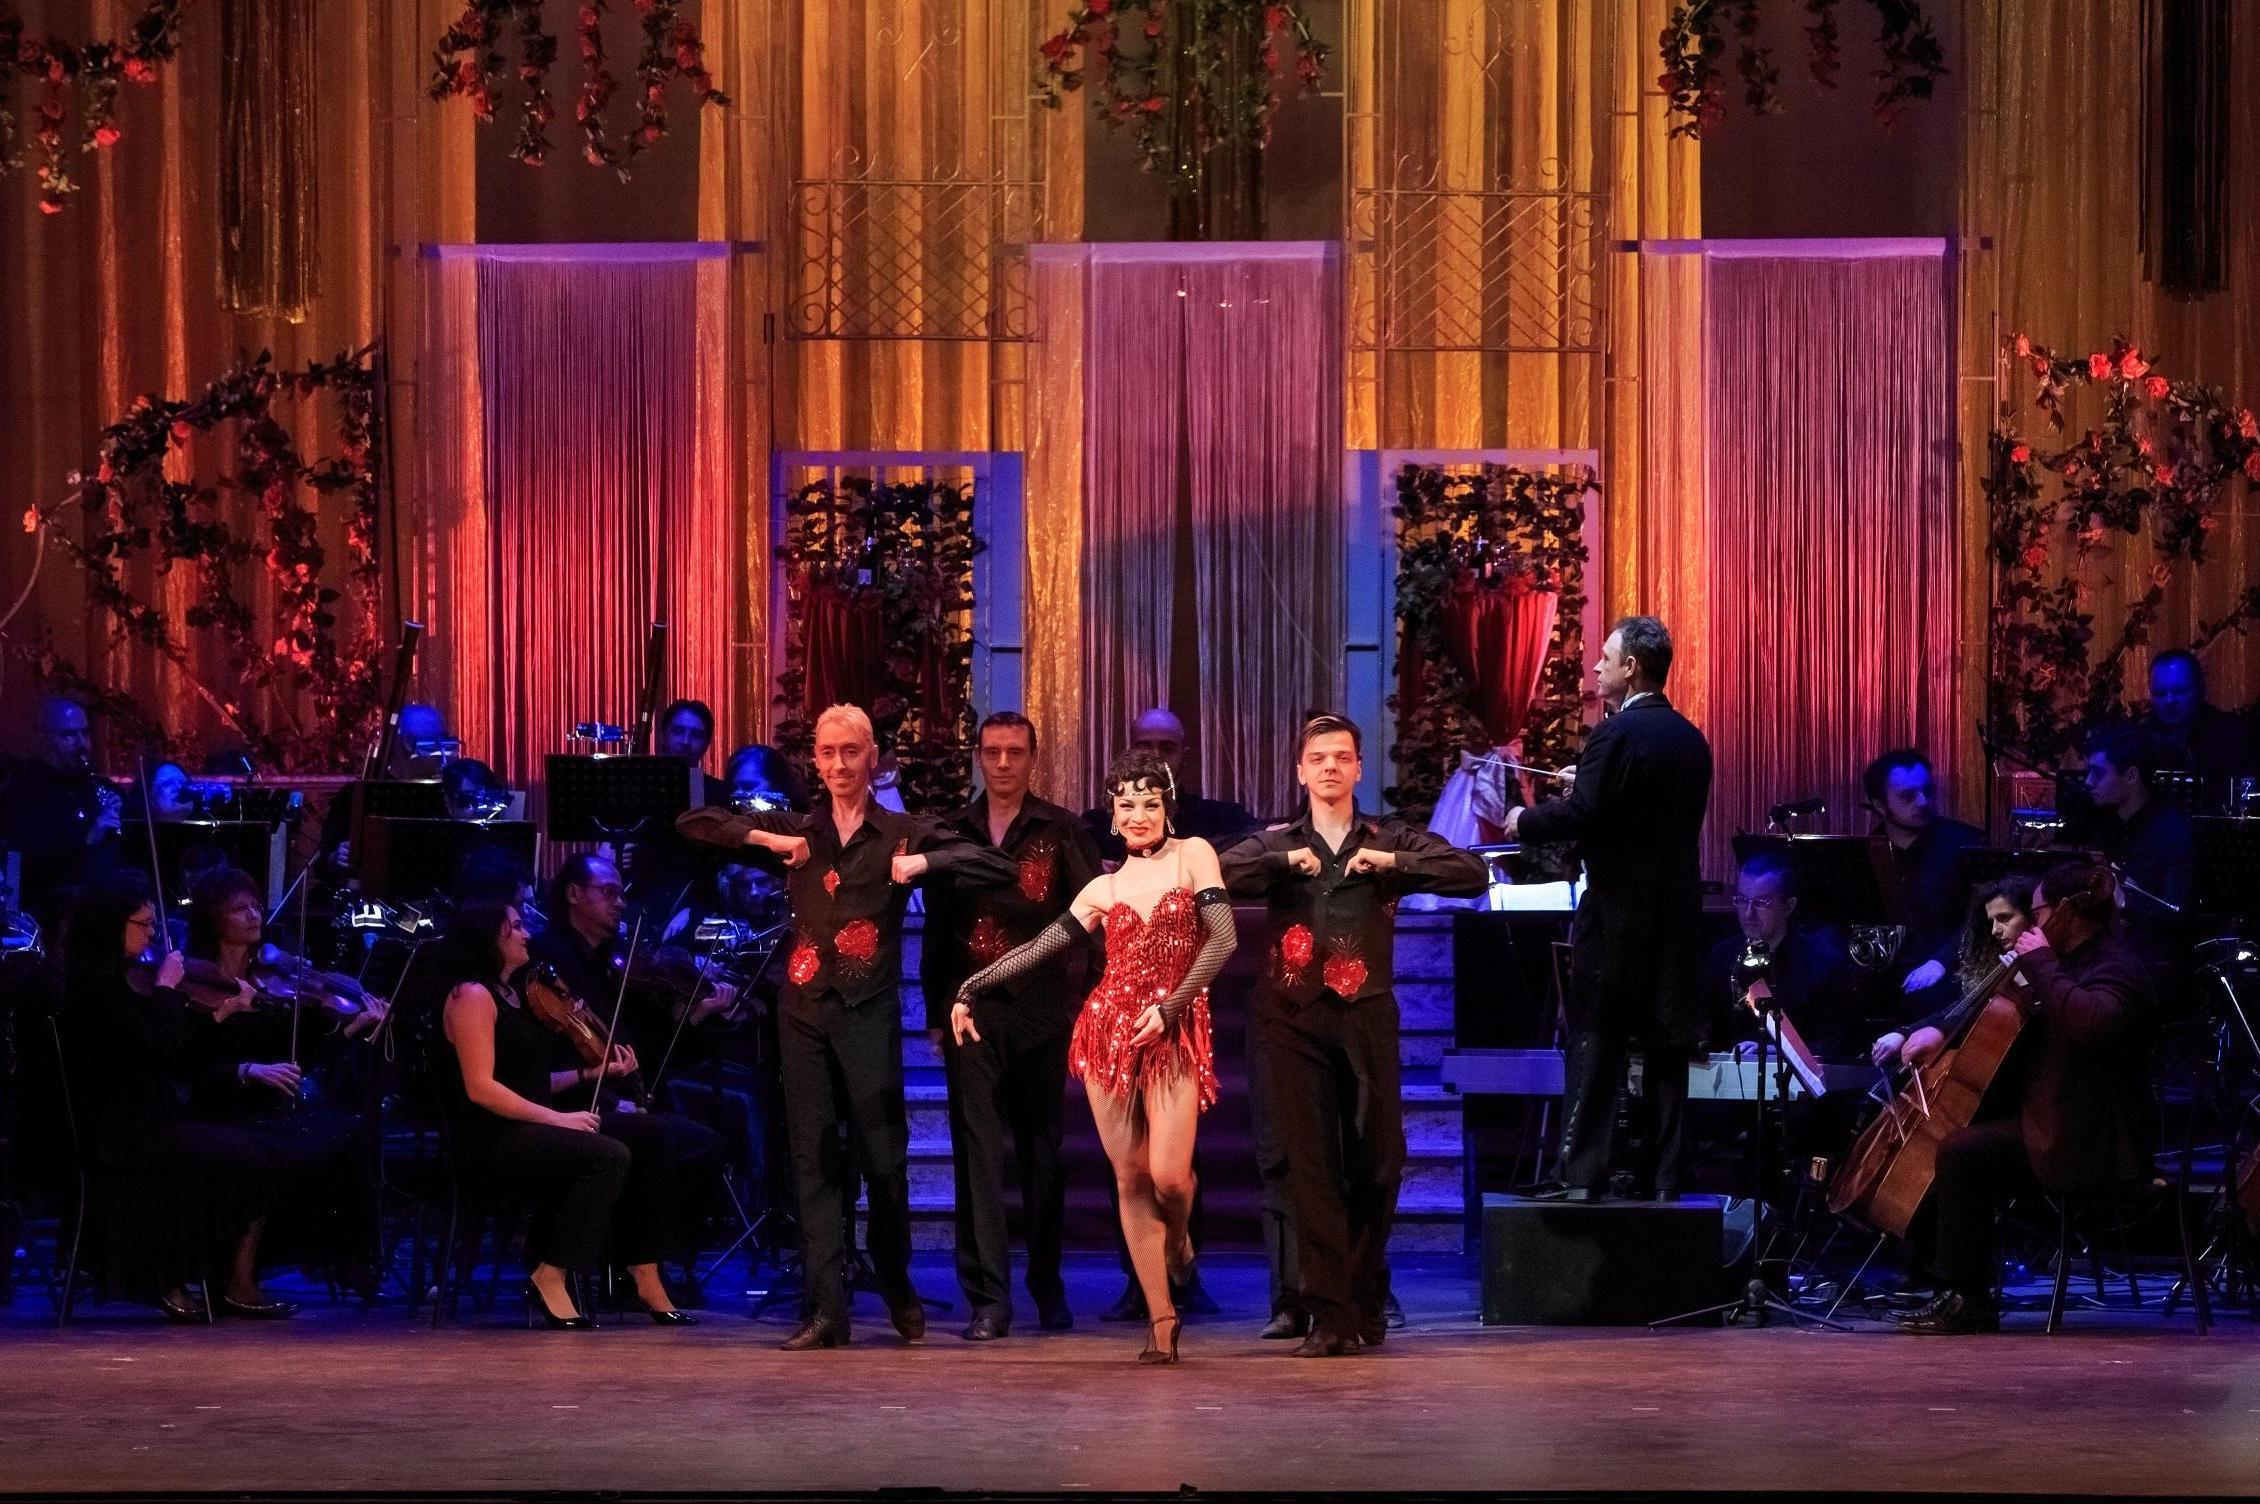 Софийският фестивал на музикалния театър стартира на 25 юни